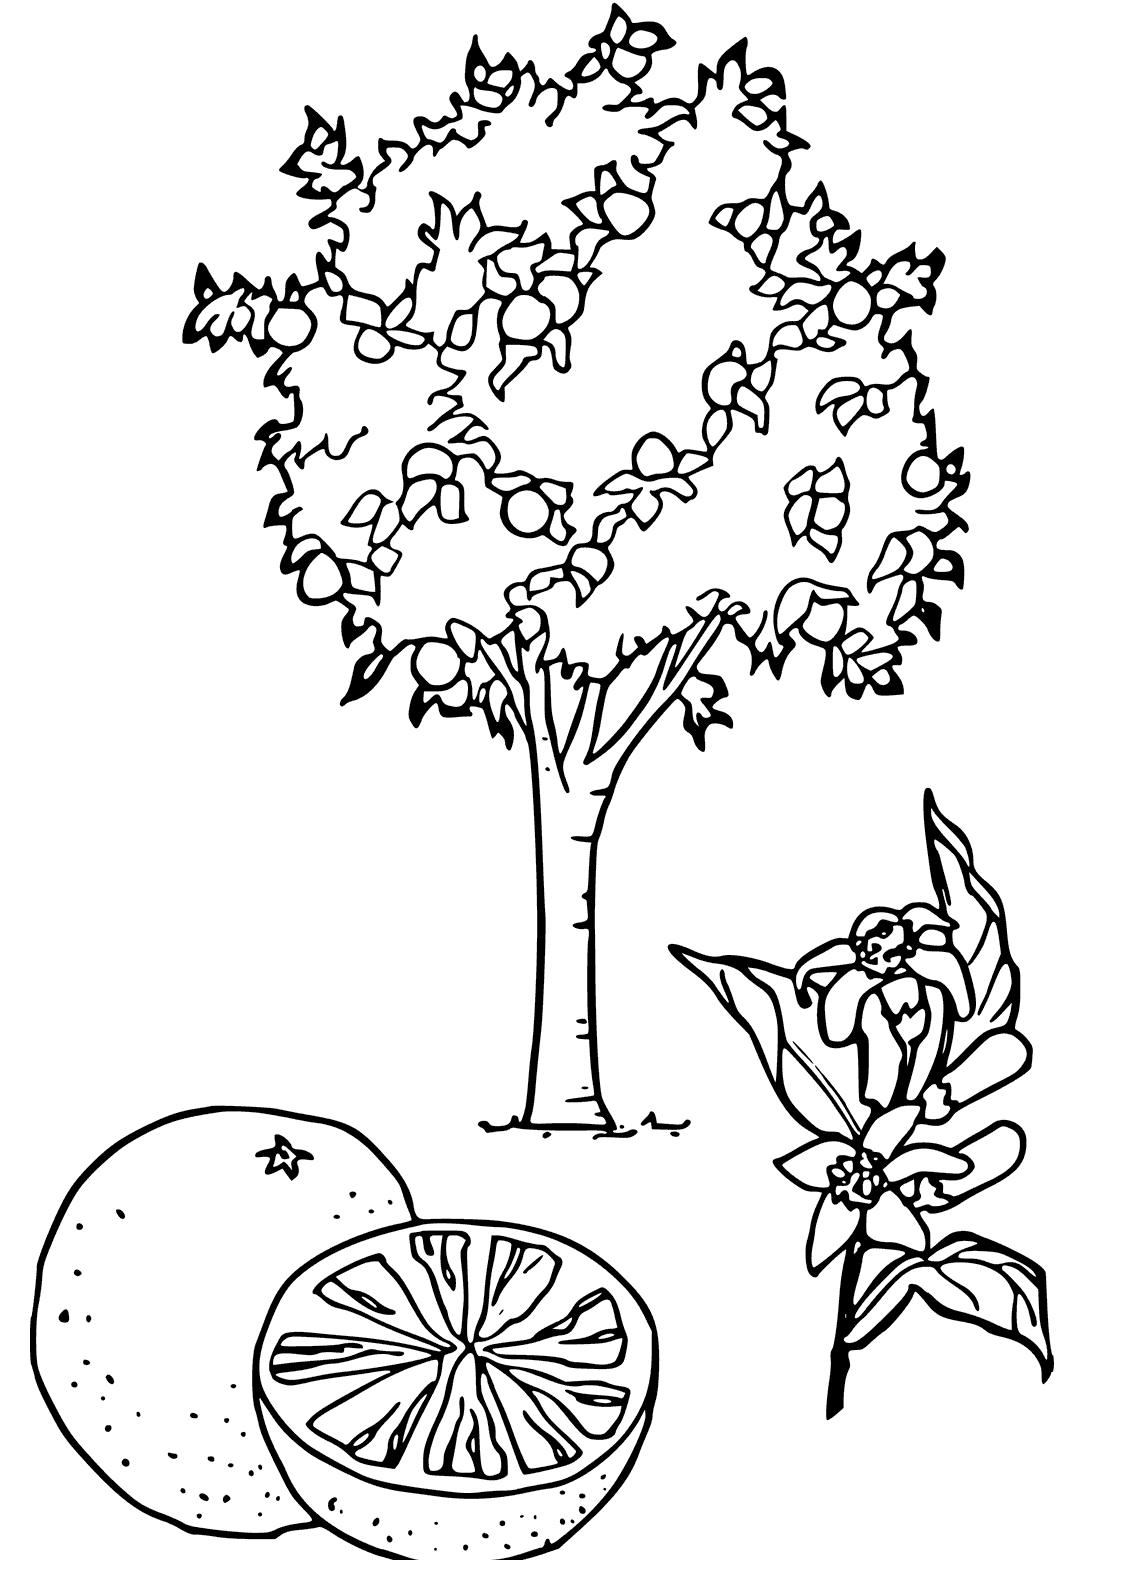 Tranh tô màu cây cam phát triển